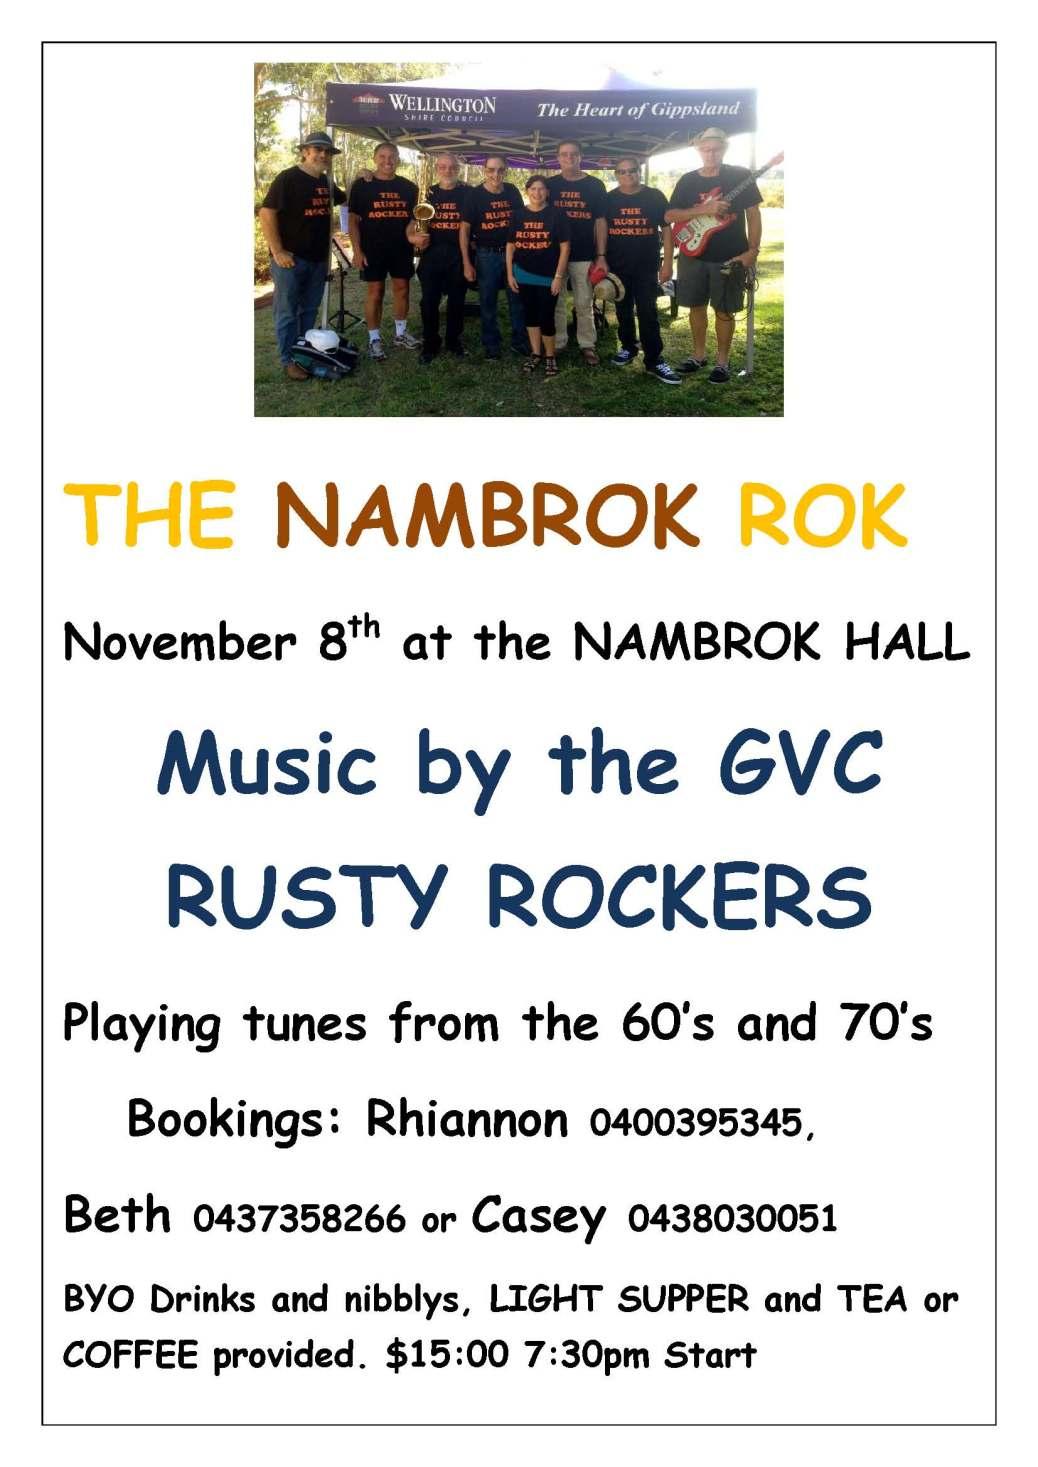 Rusty Rockers